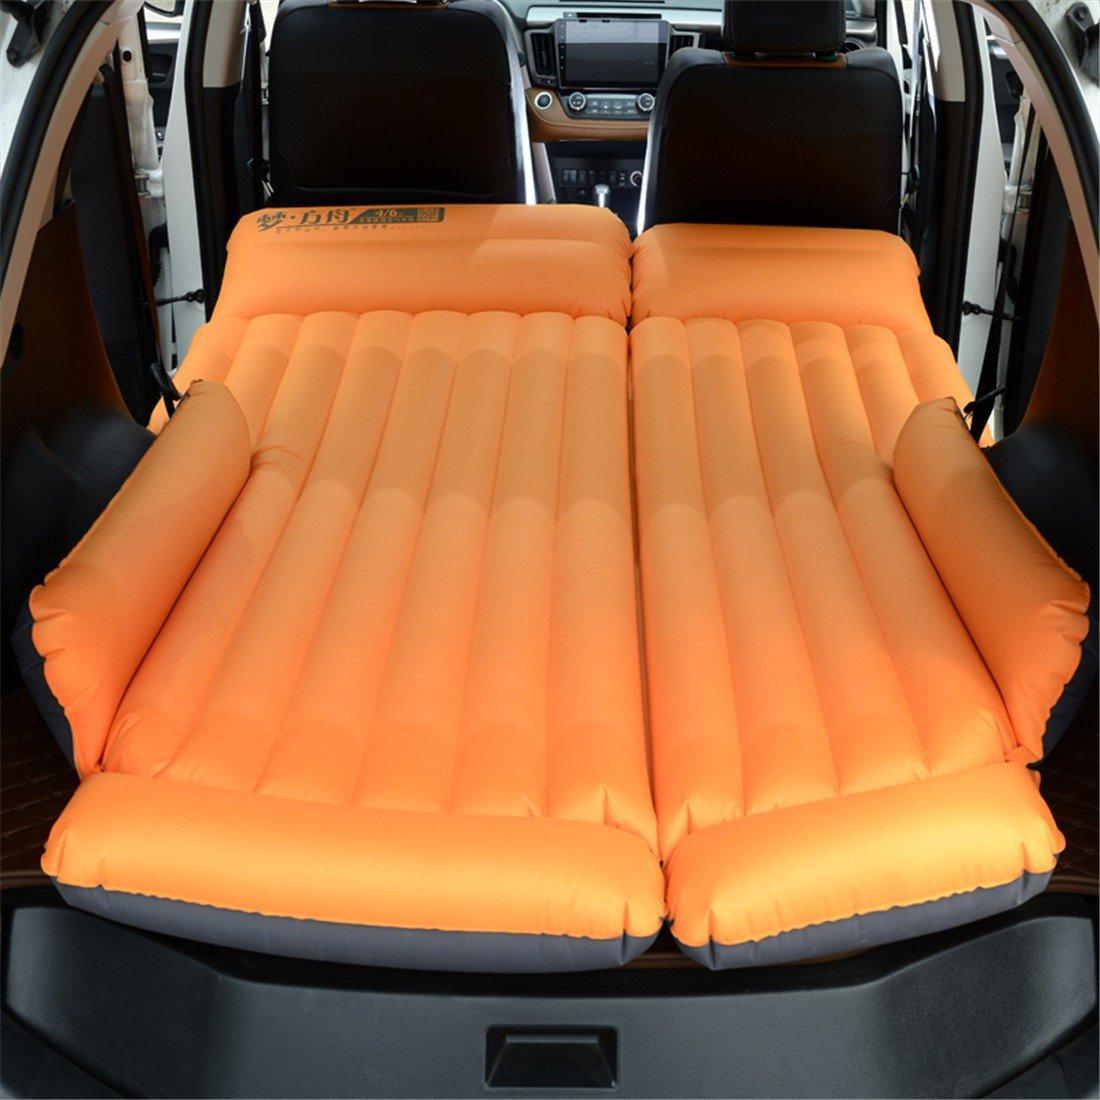 STAZSX SUV Auto Bett Auto Erwachsenen Schlafwagen Auto Reisebett, Oxford Tuch Orange-135x78CM